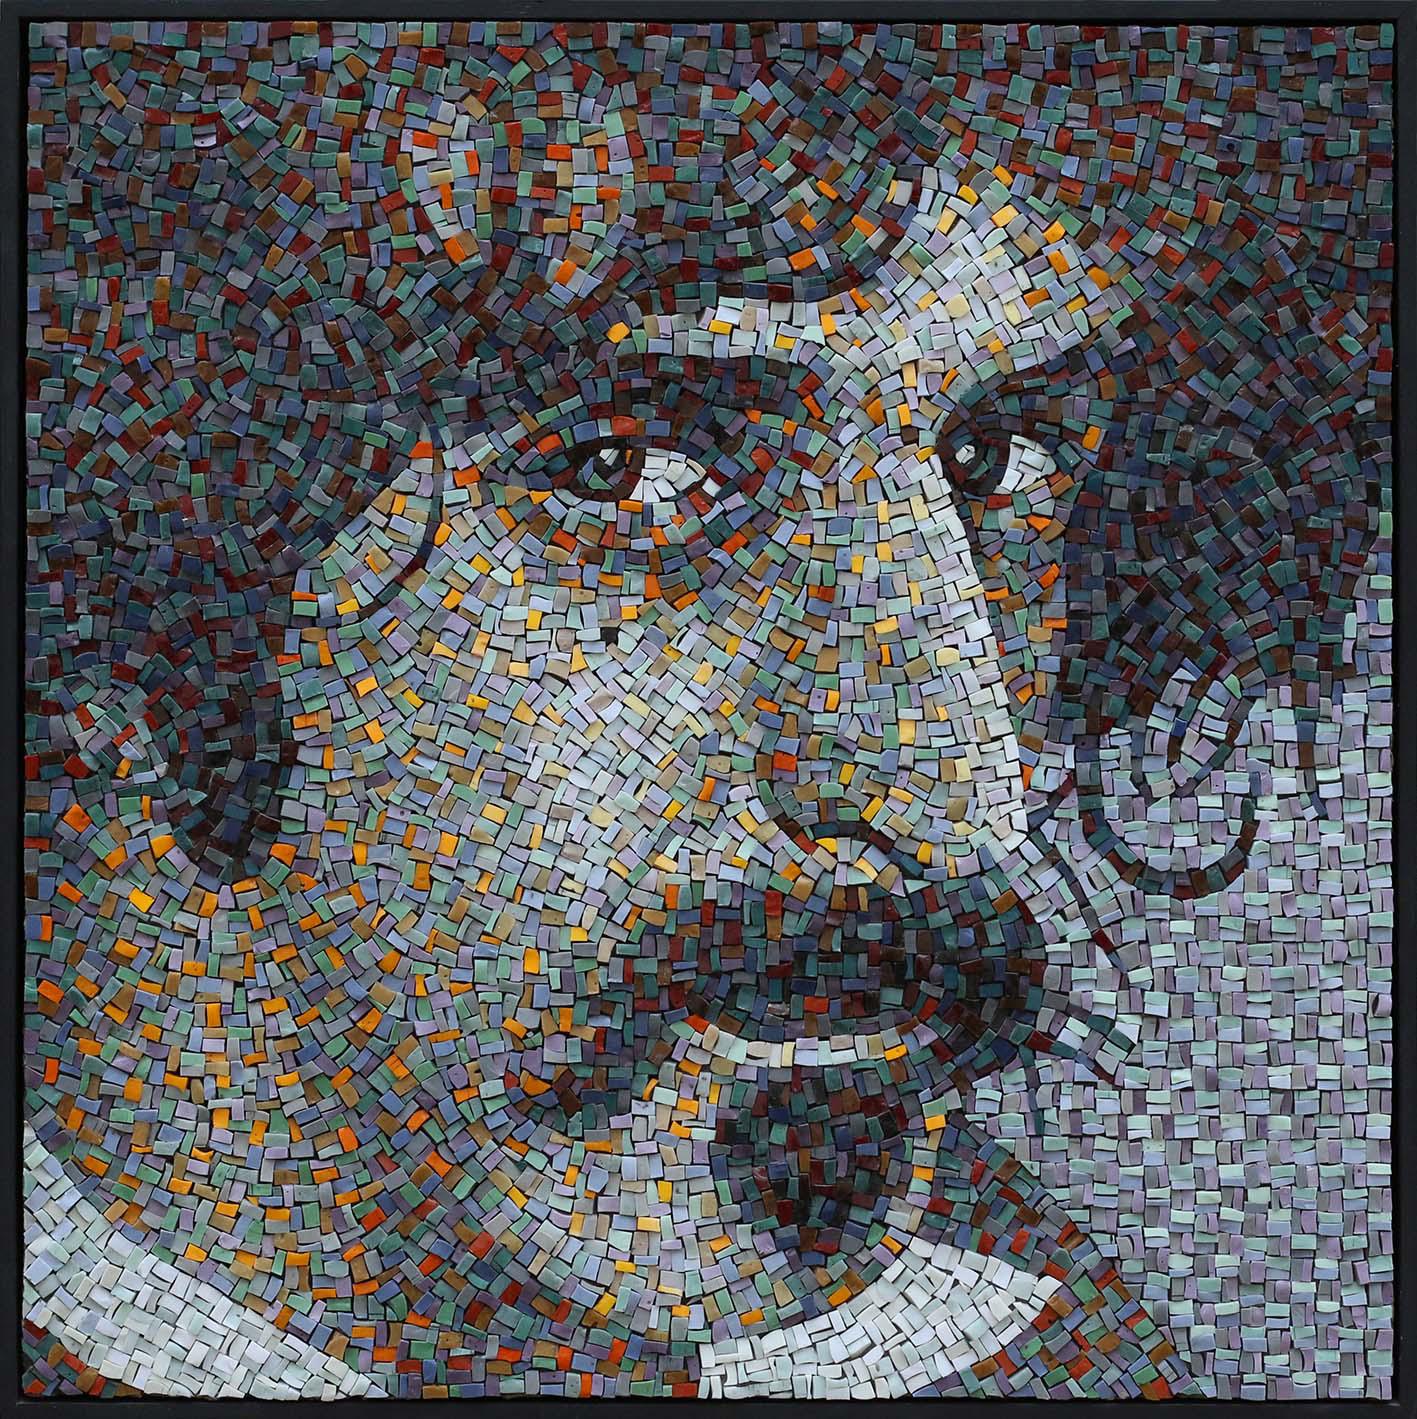 Frank Zappa, 56 x 56 cm site